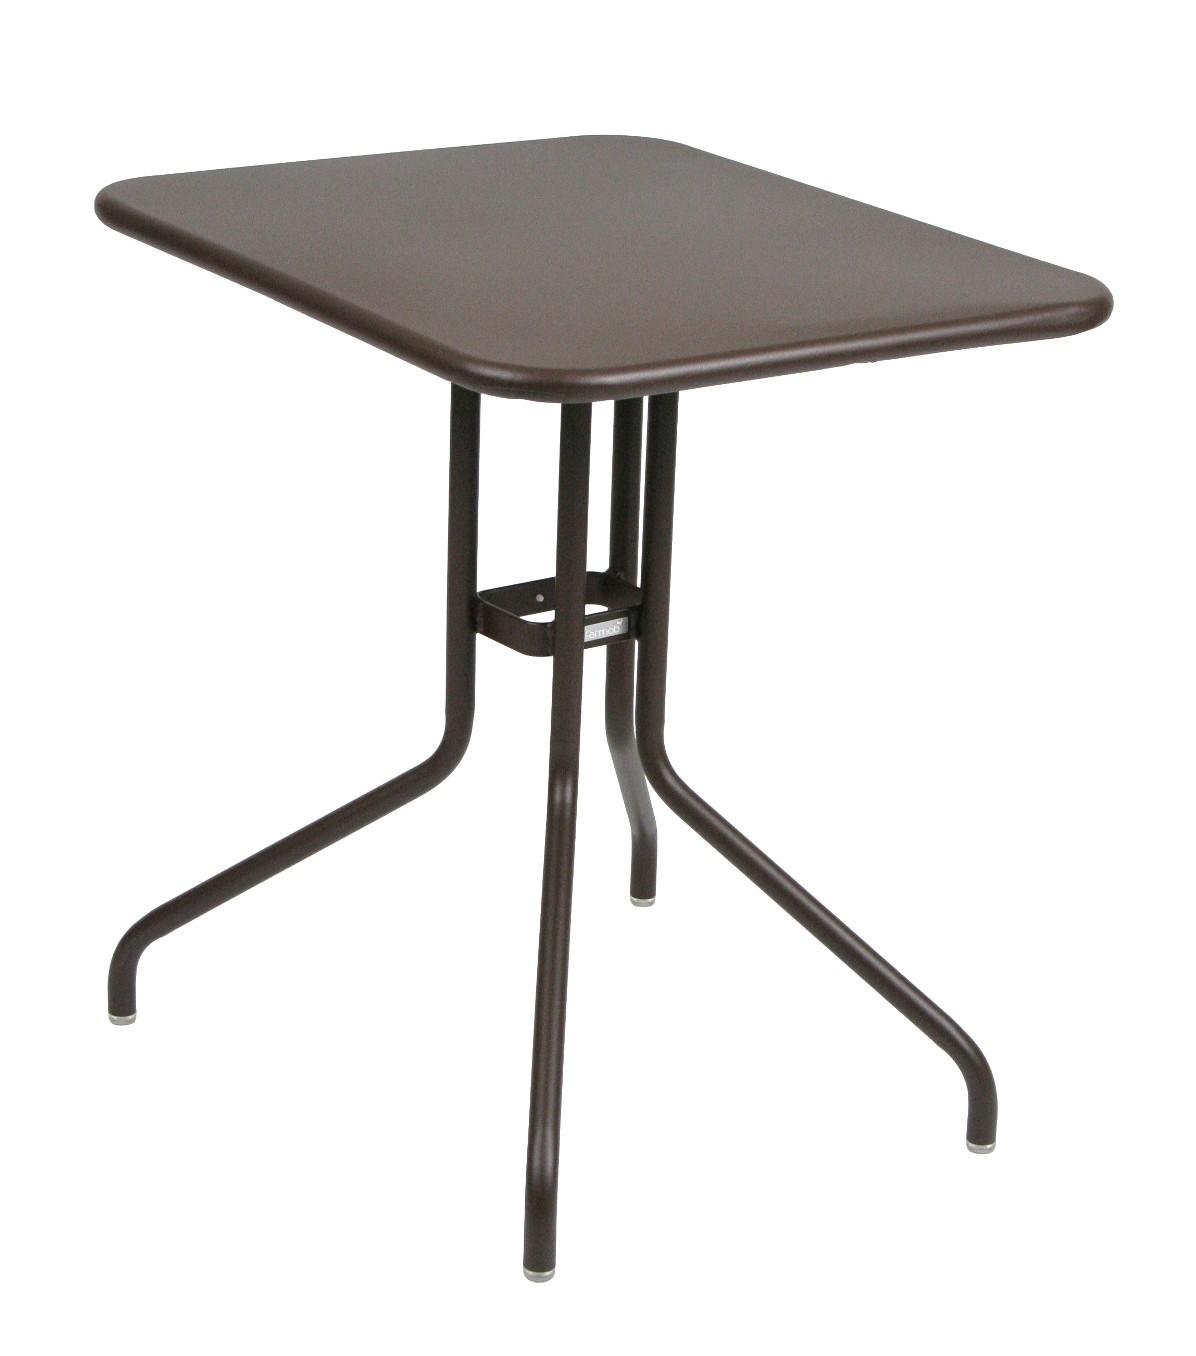 table rabattable p tale de fermob 60 cm rouille. Black Bedroom Furniture Sets. Home Design Ideas